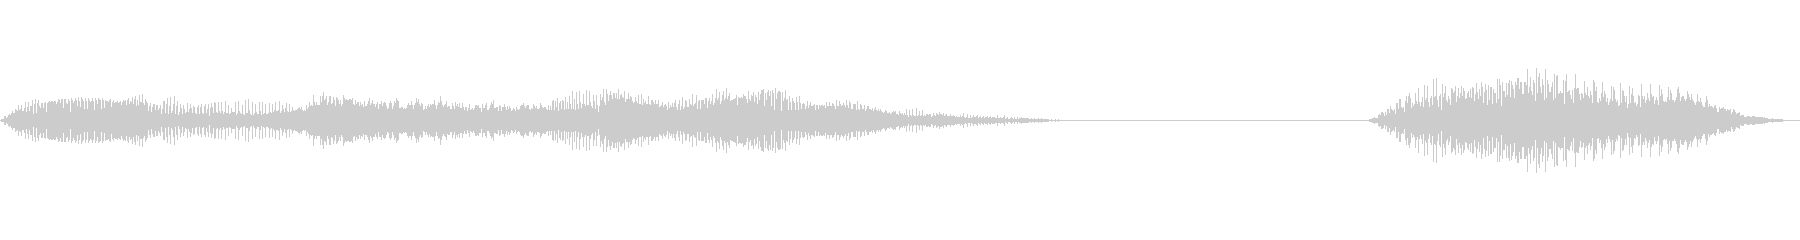 アナログミュージカルアクセント、フ...の未再生の波形